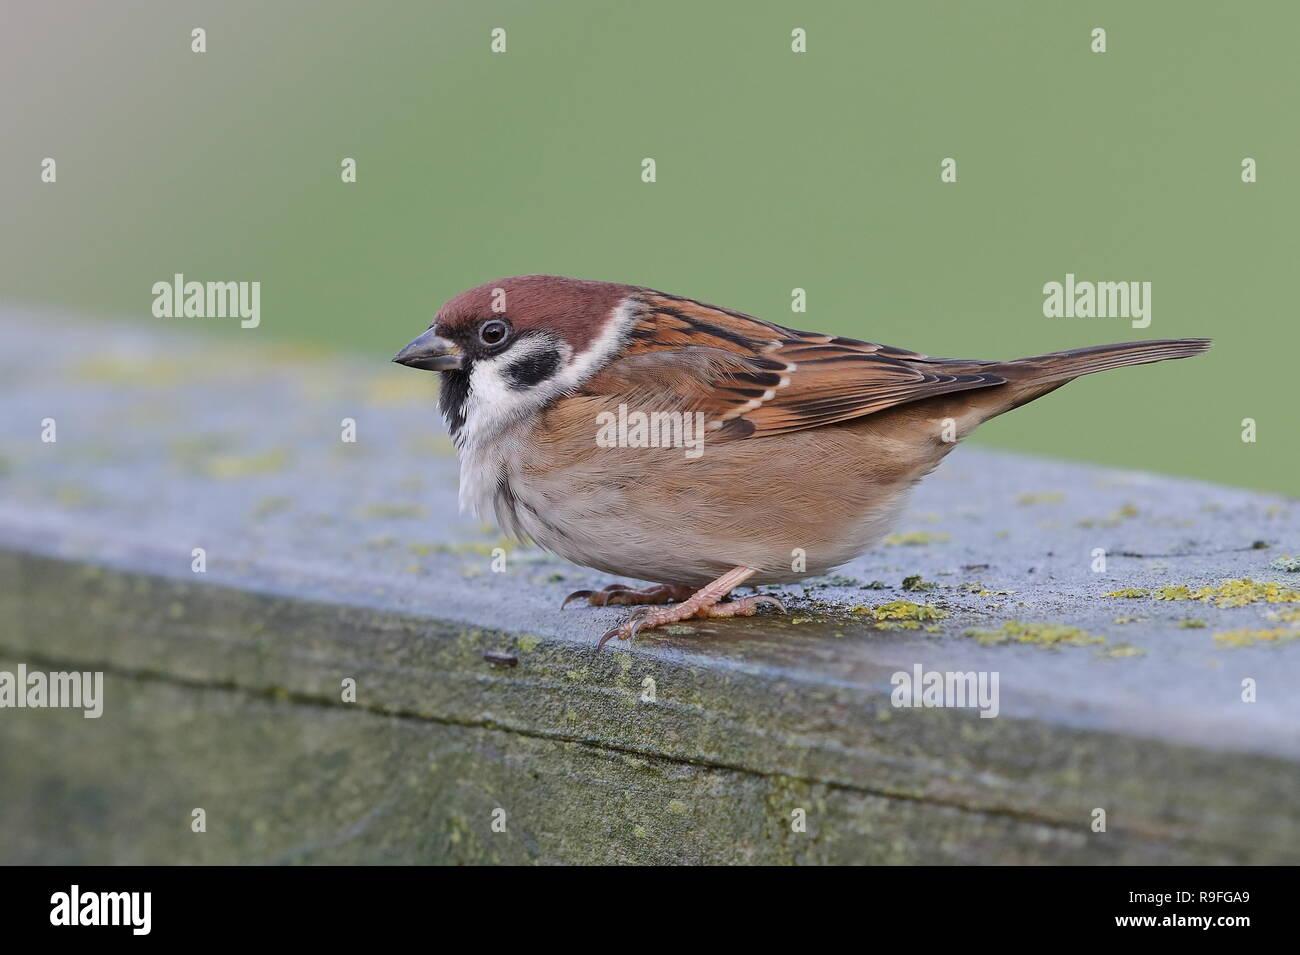 Tree Sparrow - Stock Image